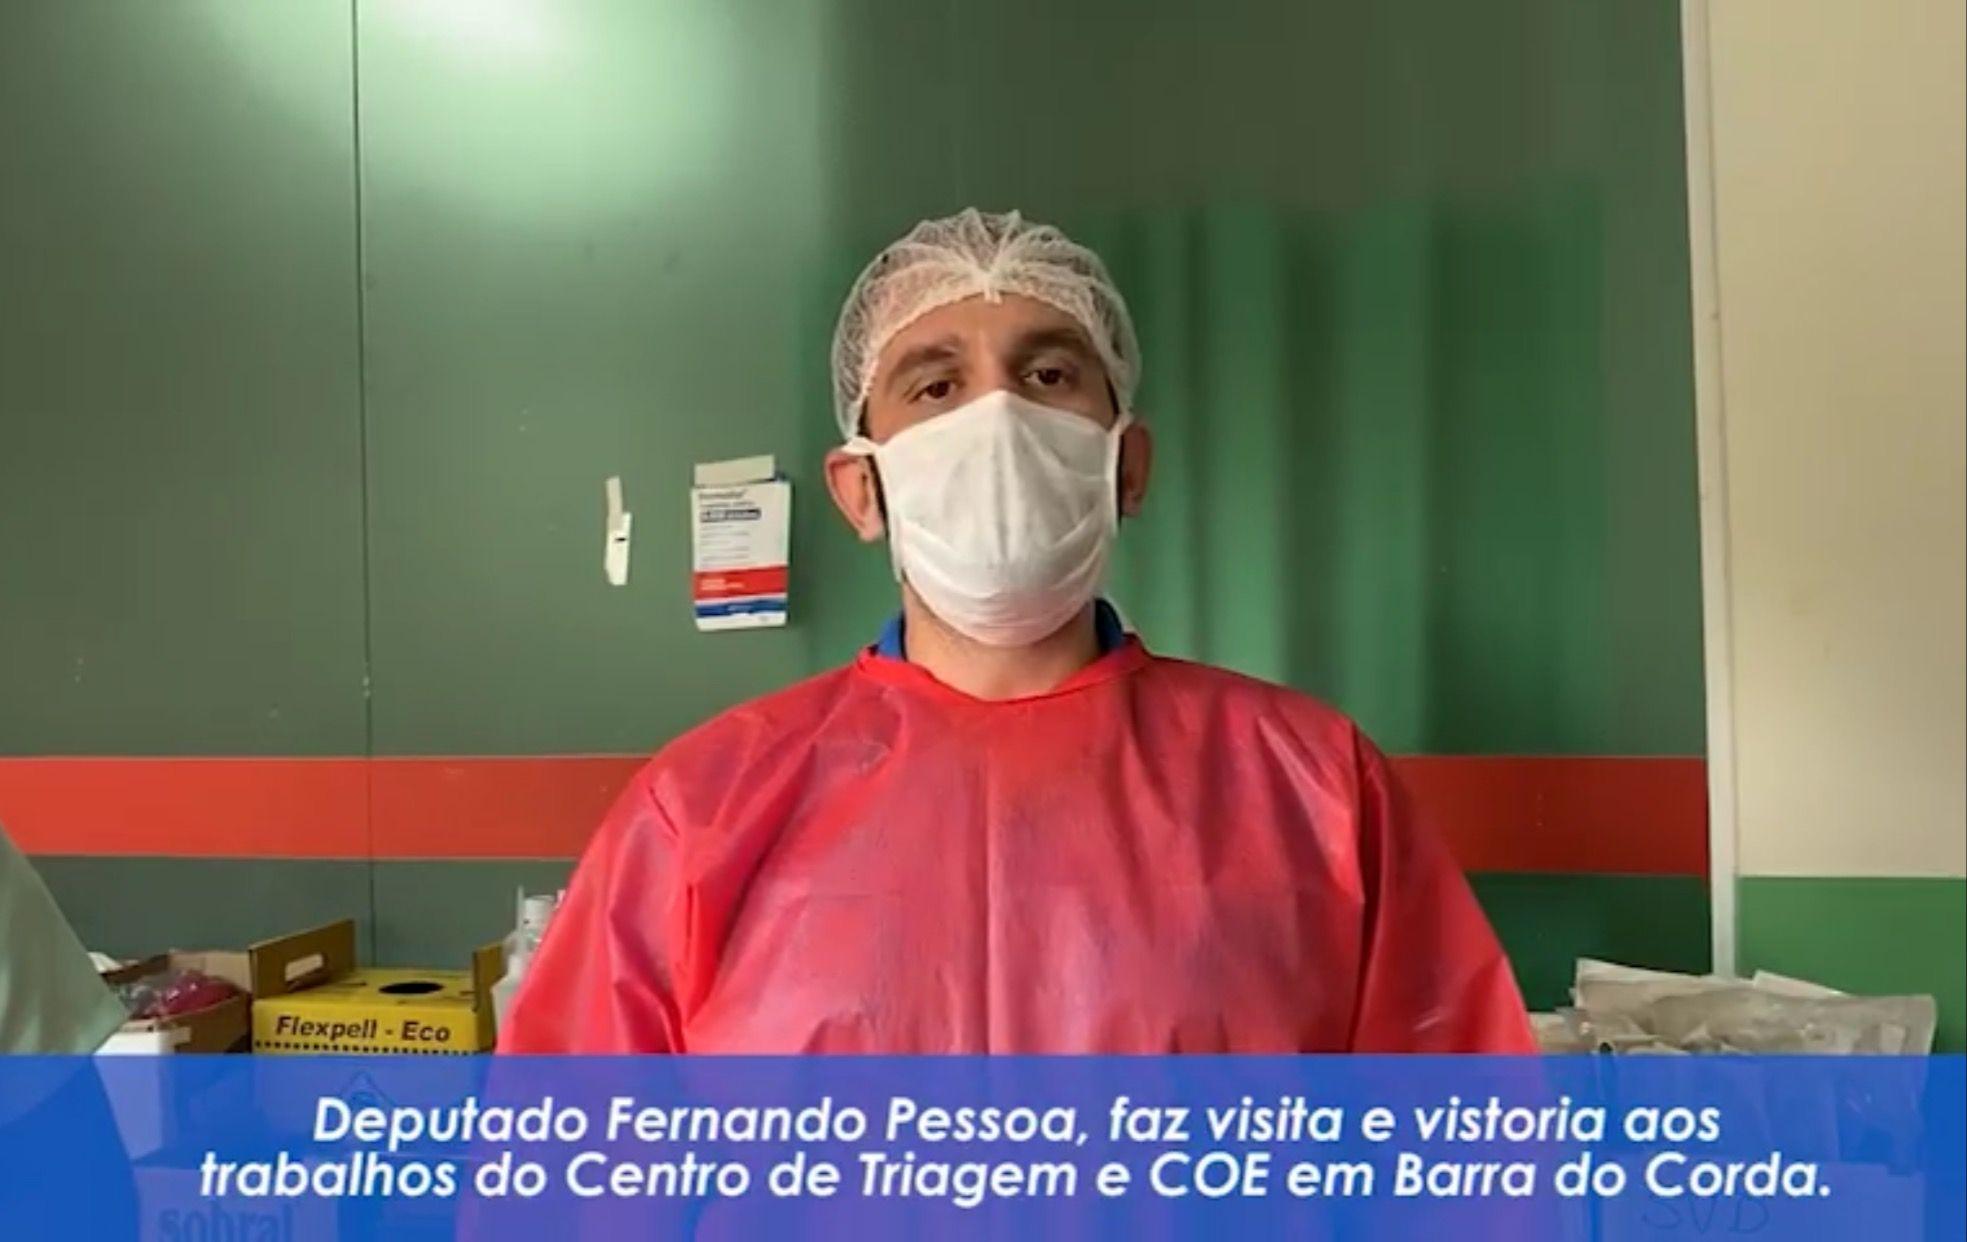 Deputado Fernando Pessoa visita o COE e Centro de Triagem em Barra do Corda e elogia profissionais da saúde